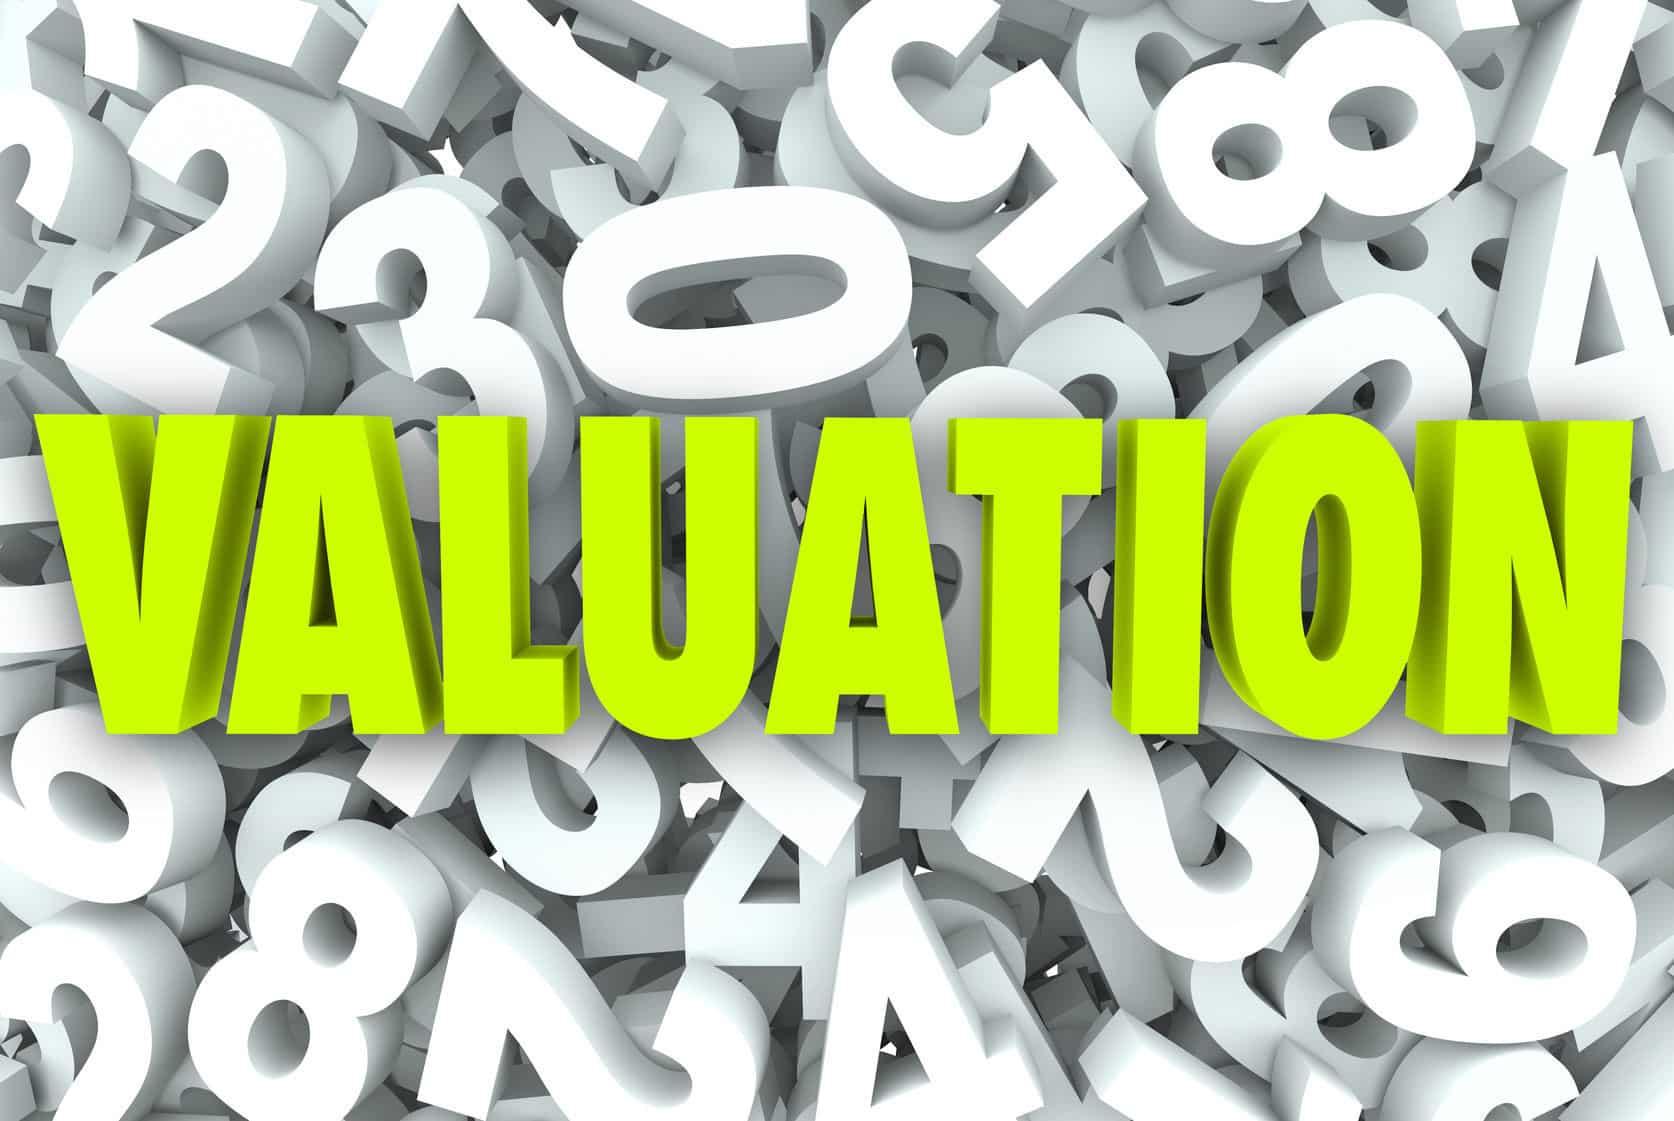 Valuation – Como Calcular o Preço Justo de uma Ação - Calculadora de Fluxo de Caixa Descontado (DCF)